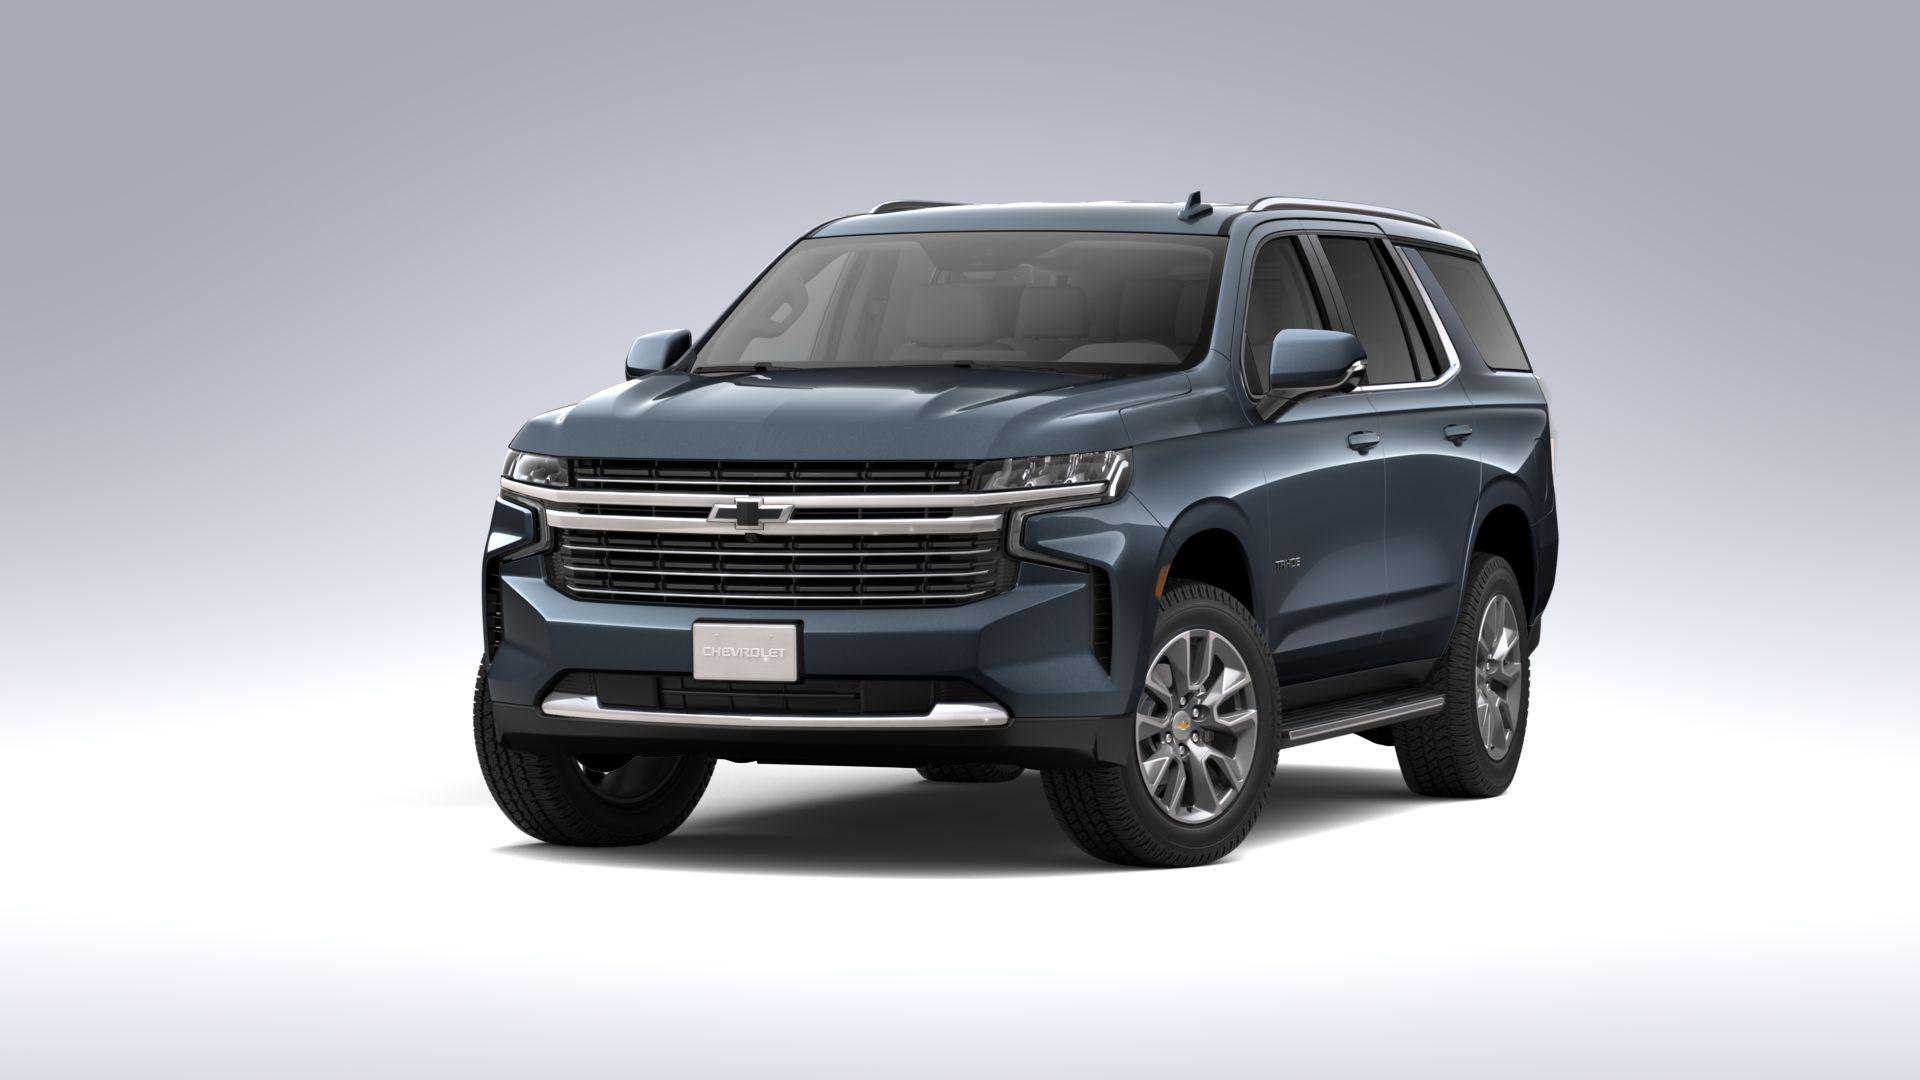 New 2021 Chevrolet Tahoe For Sale At Champion Chevrolet Vin 1gnsknkd8mr293560